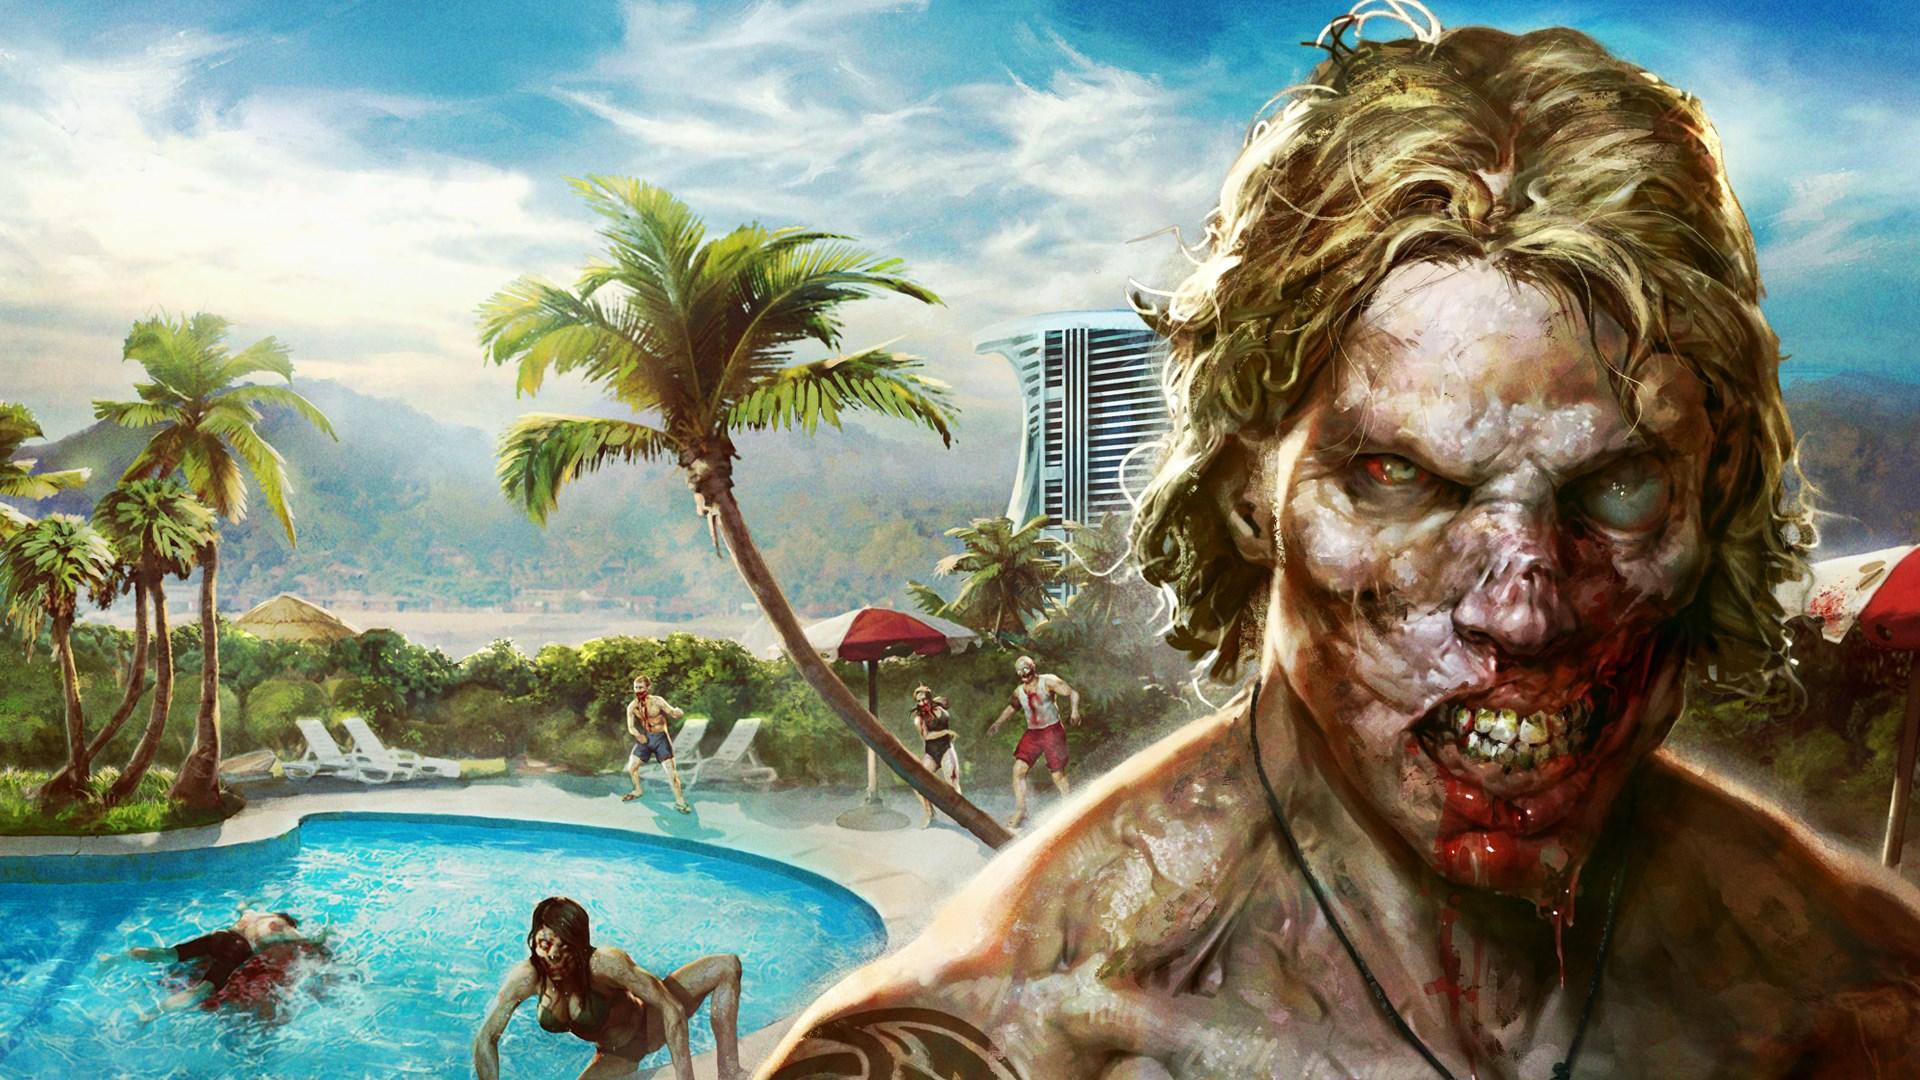 Buy Dead Island Definitive Edition - Microsoft Store en-IN